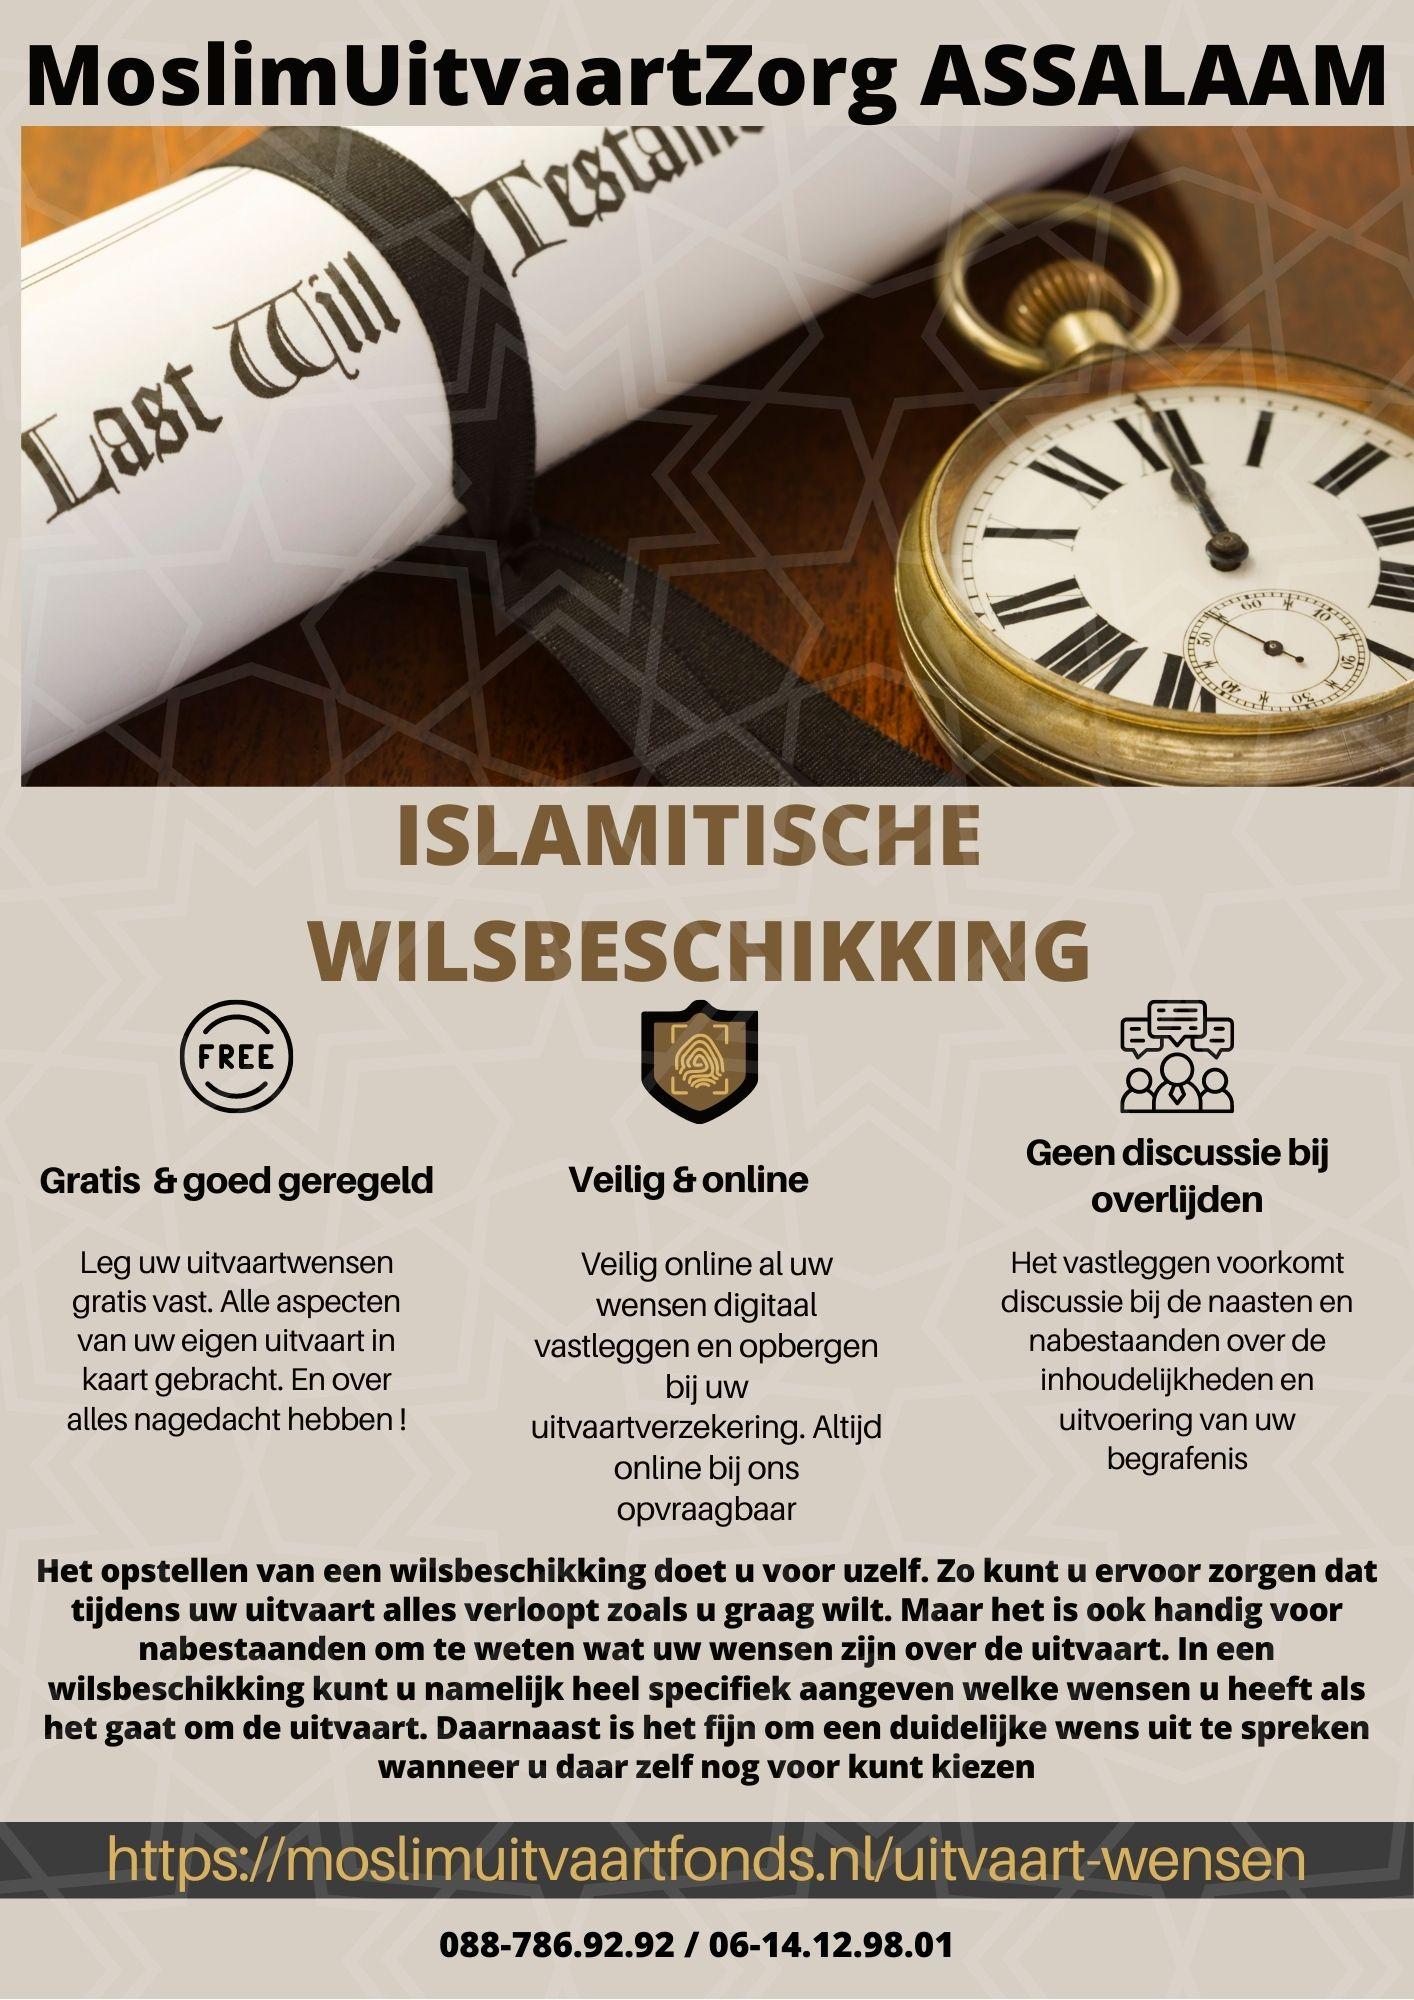 islamitische wilsbeschikking 01